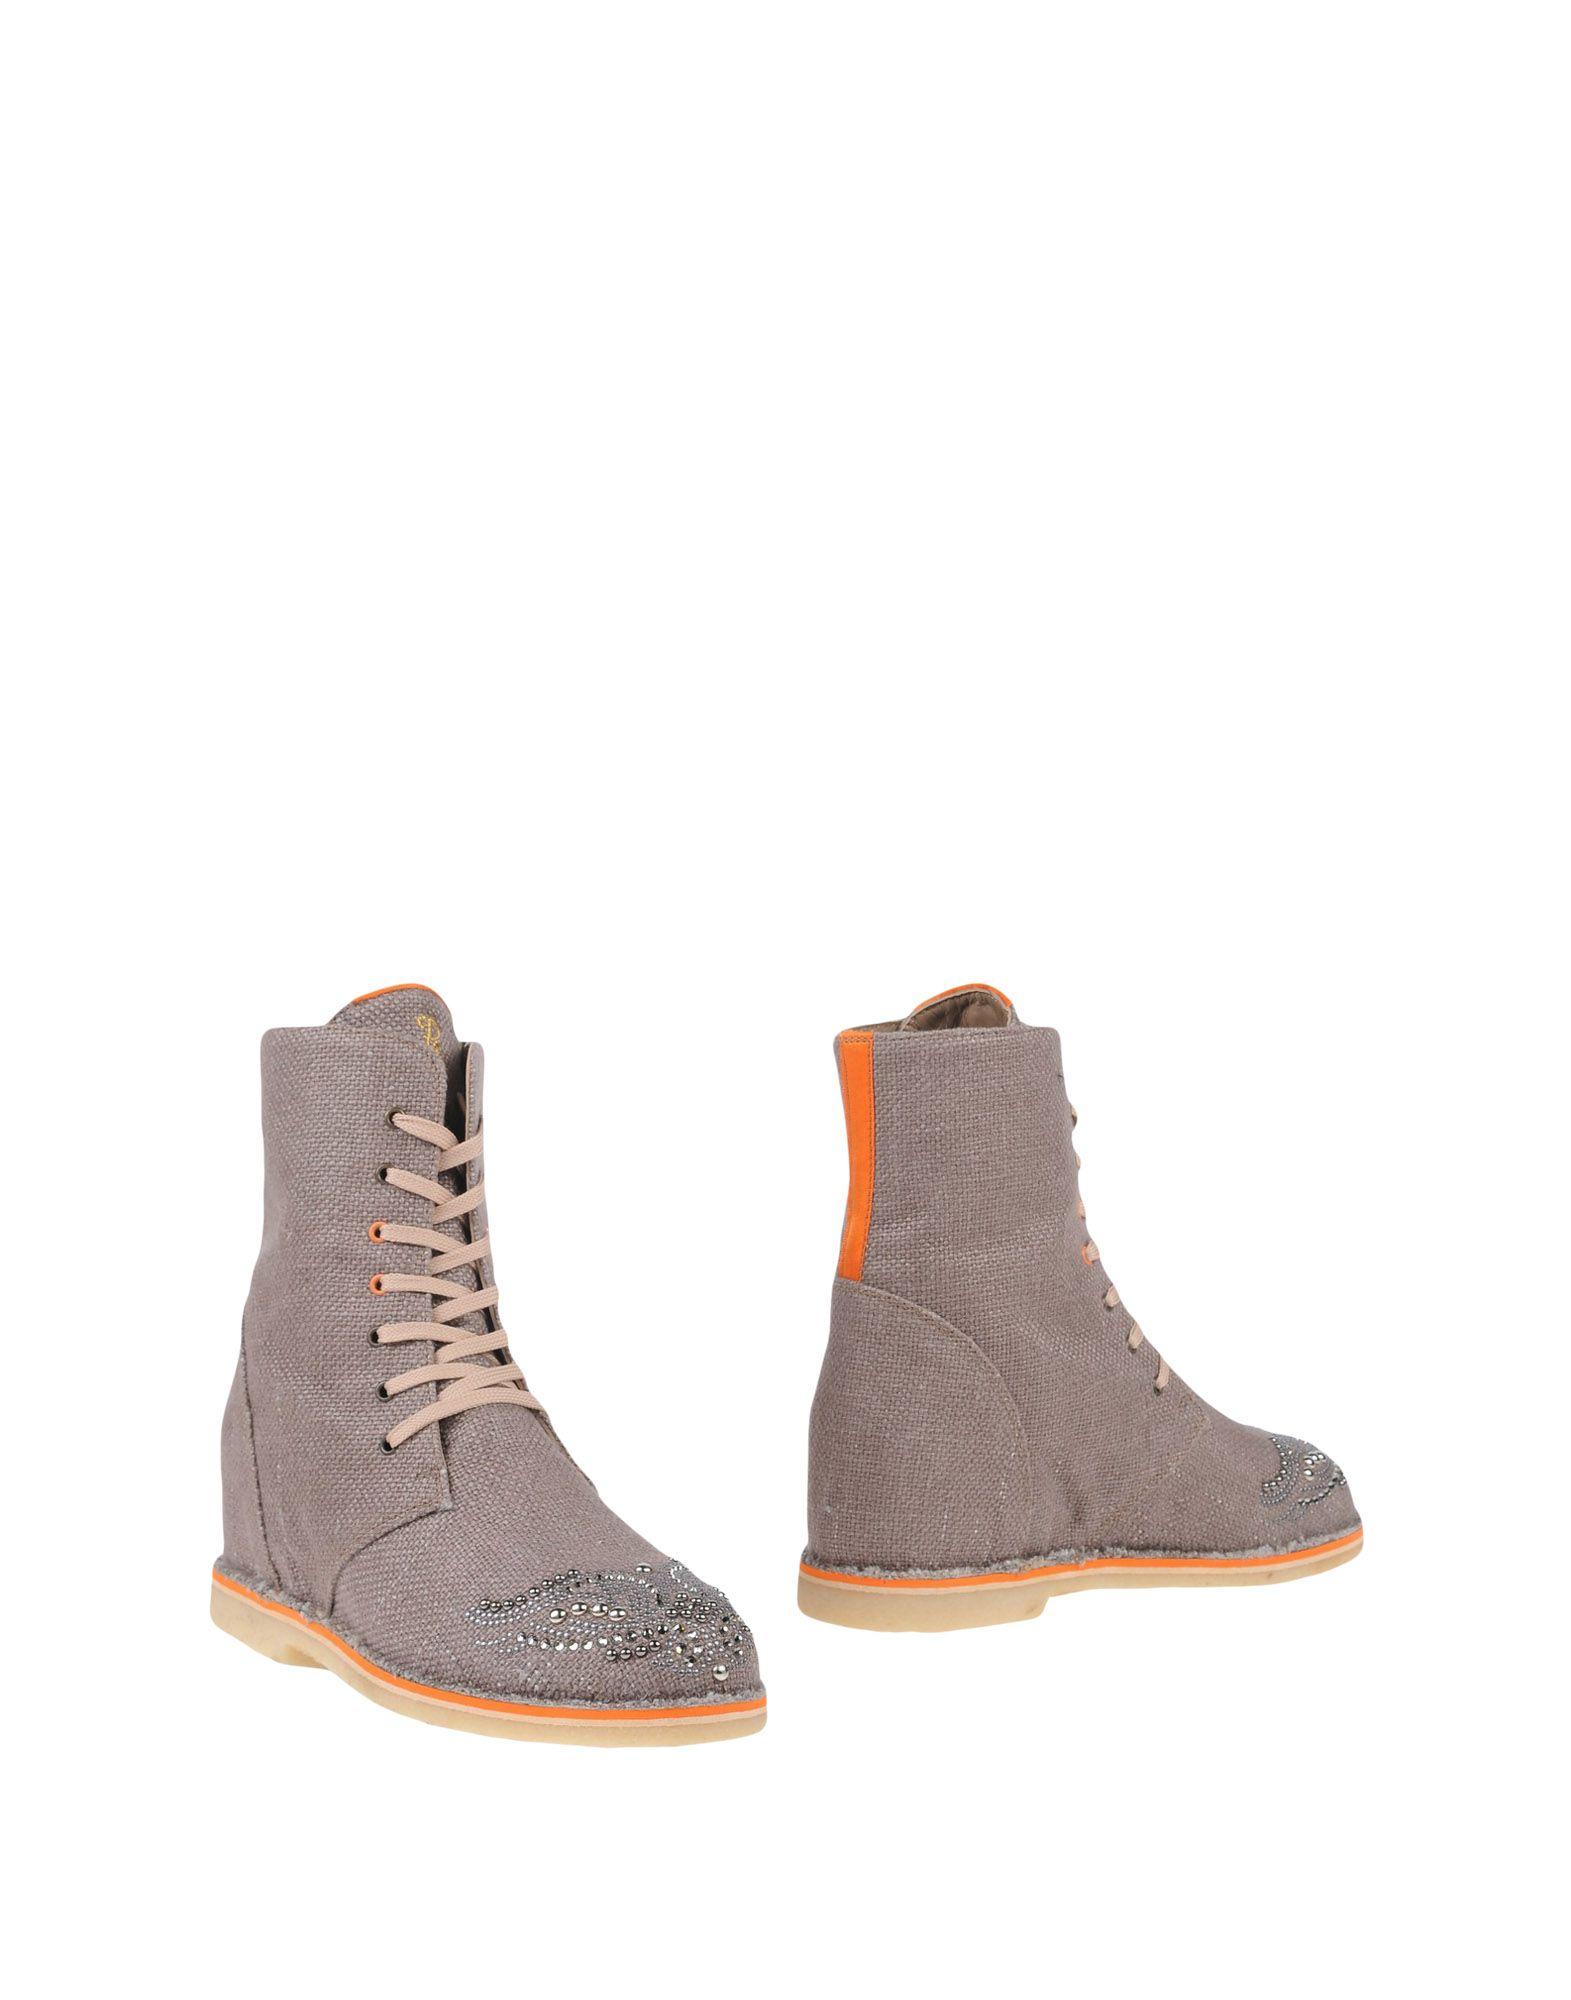 Passion Blanche Stiefelette Damen  11408237MW Gute Qualität beliebte Schuhe